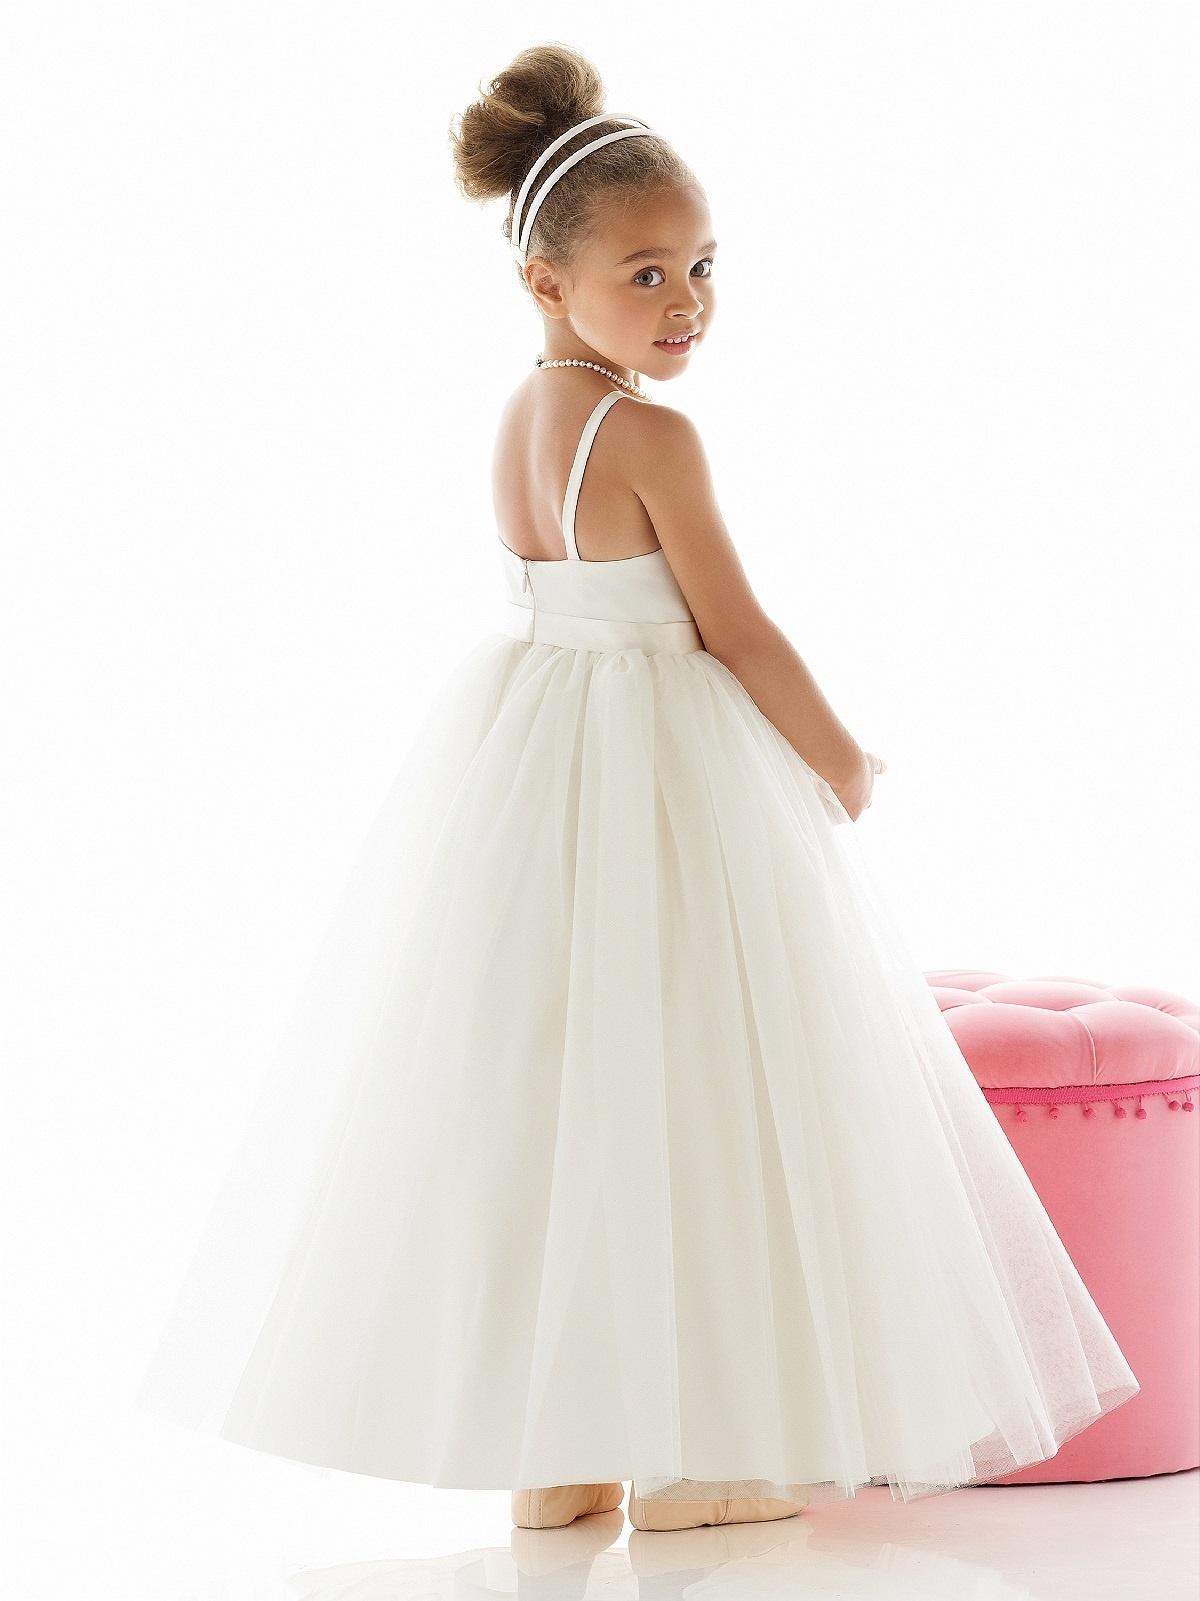 7f19296e45e Olivia CPH har kjoler i mange afskygninger og stile, og vi er desuden kendt  for at have billige gallakjoler til børn, når man holder kvaliteten op mod  ...